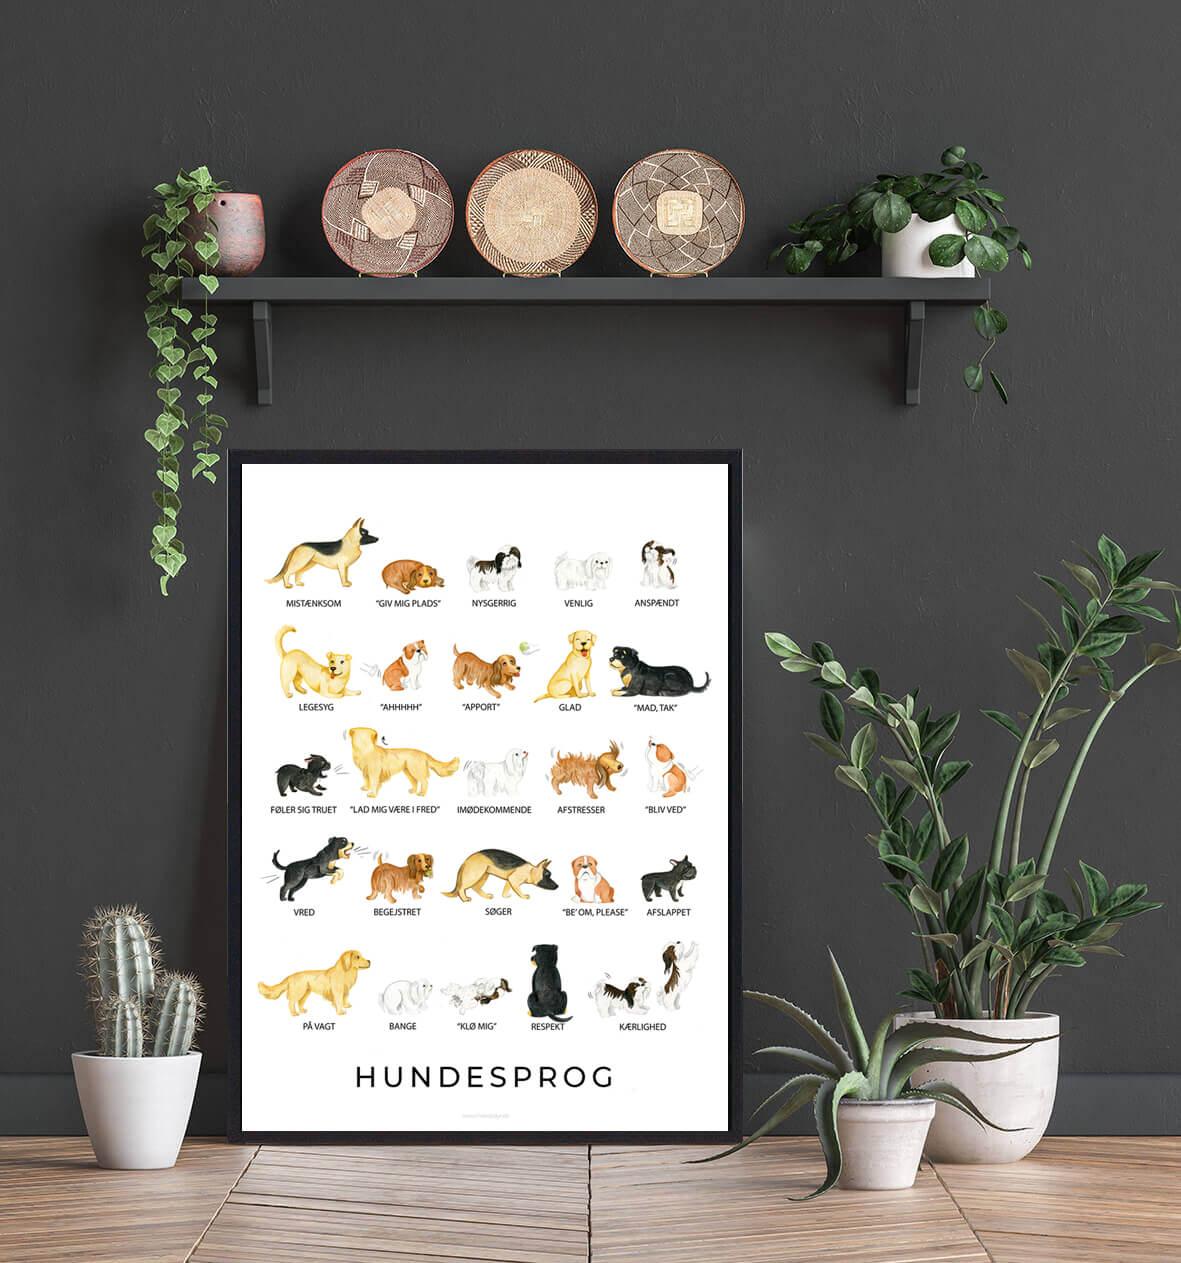 Hundesprog-plakat-2